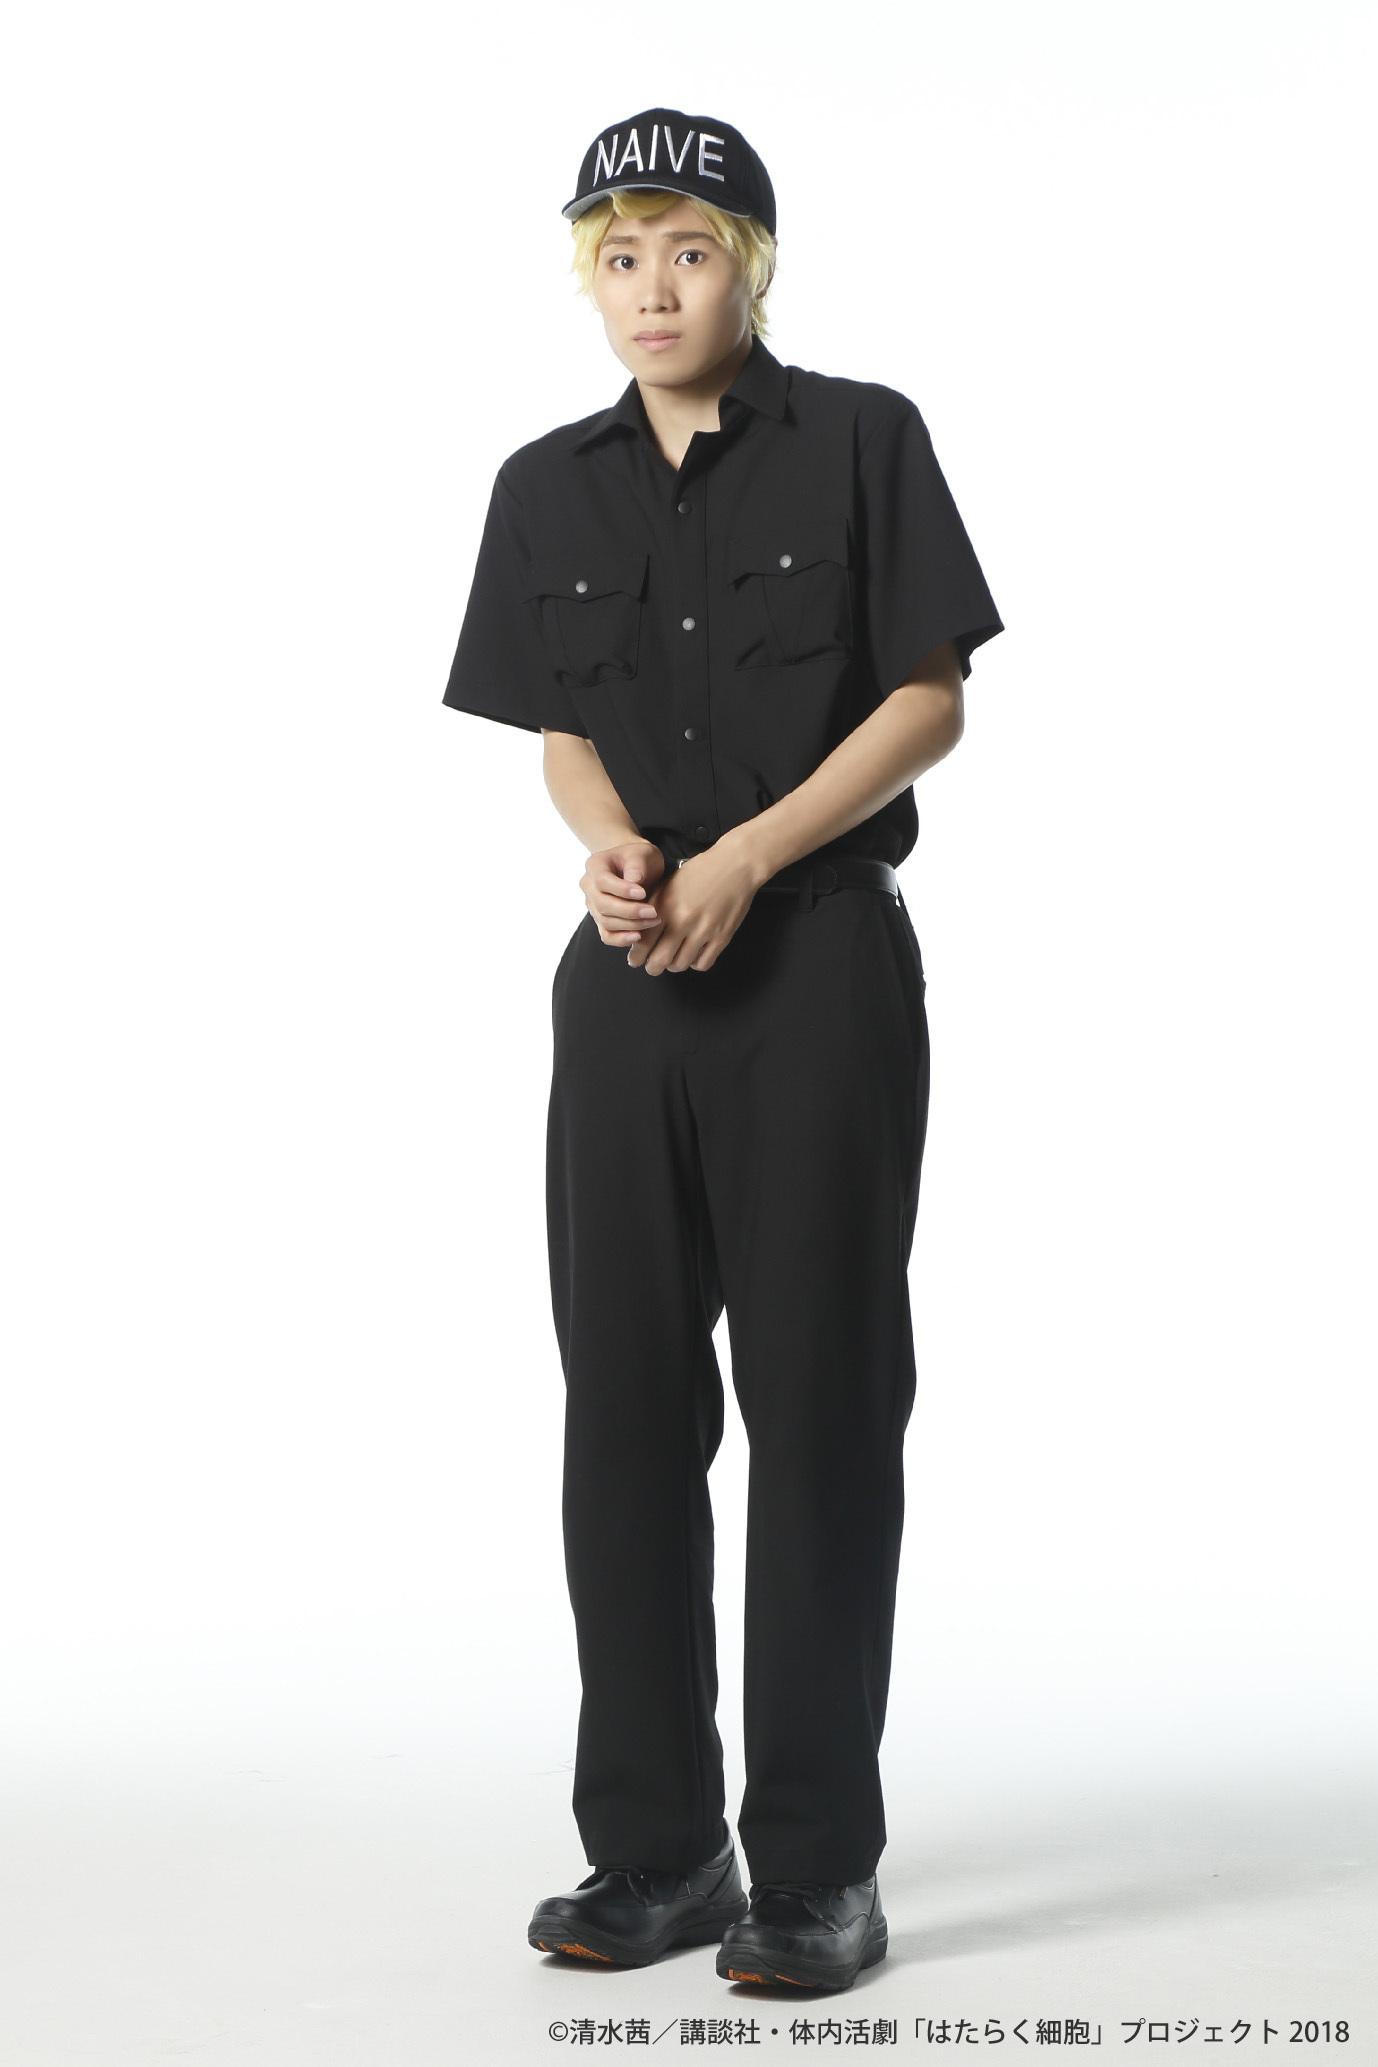 ナイーブT細胞:太田将熙